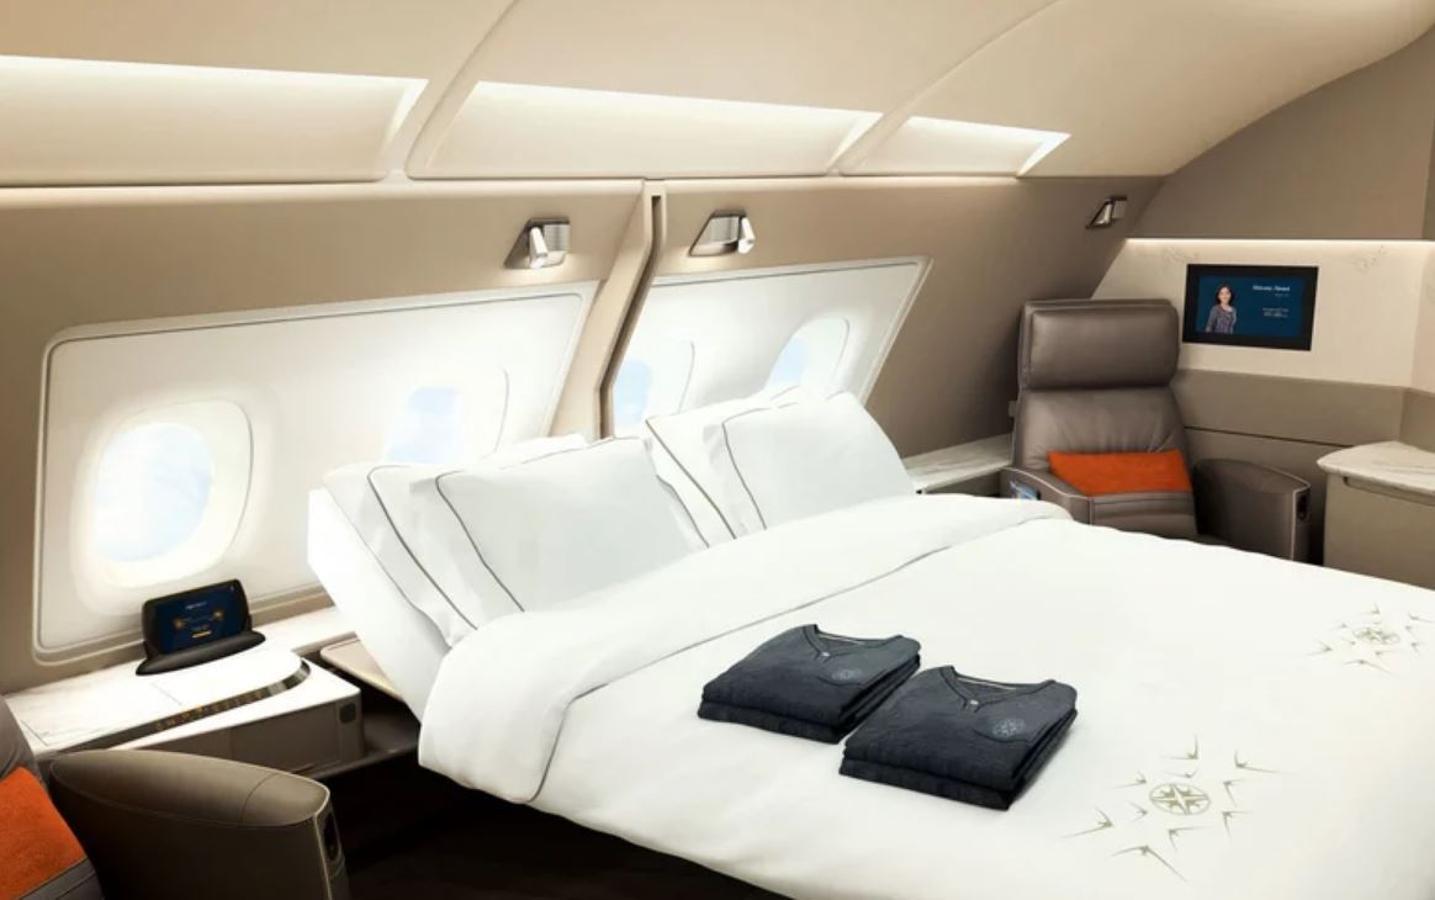 Suite, Singapore Airlines